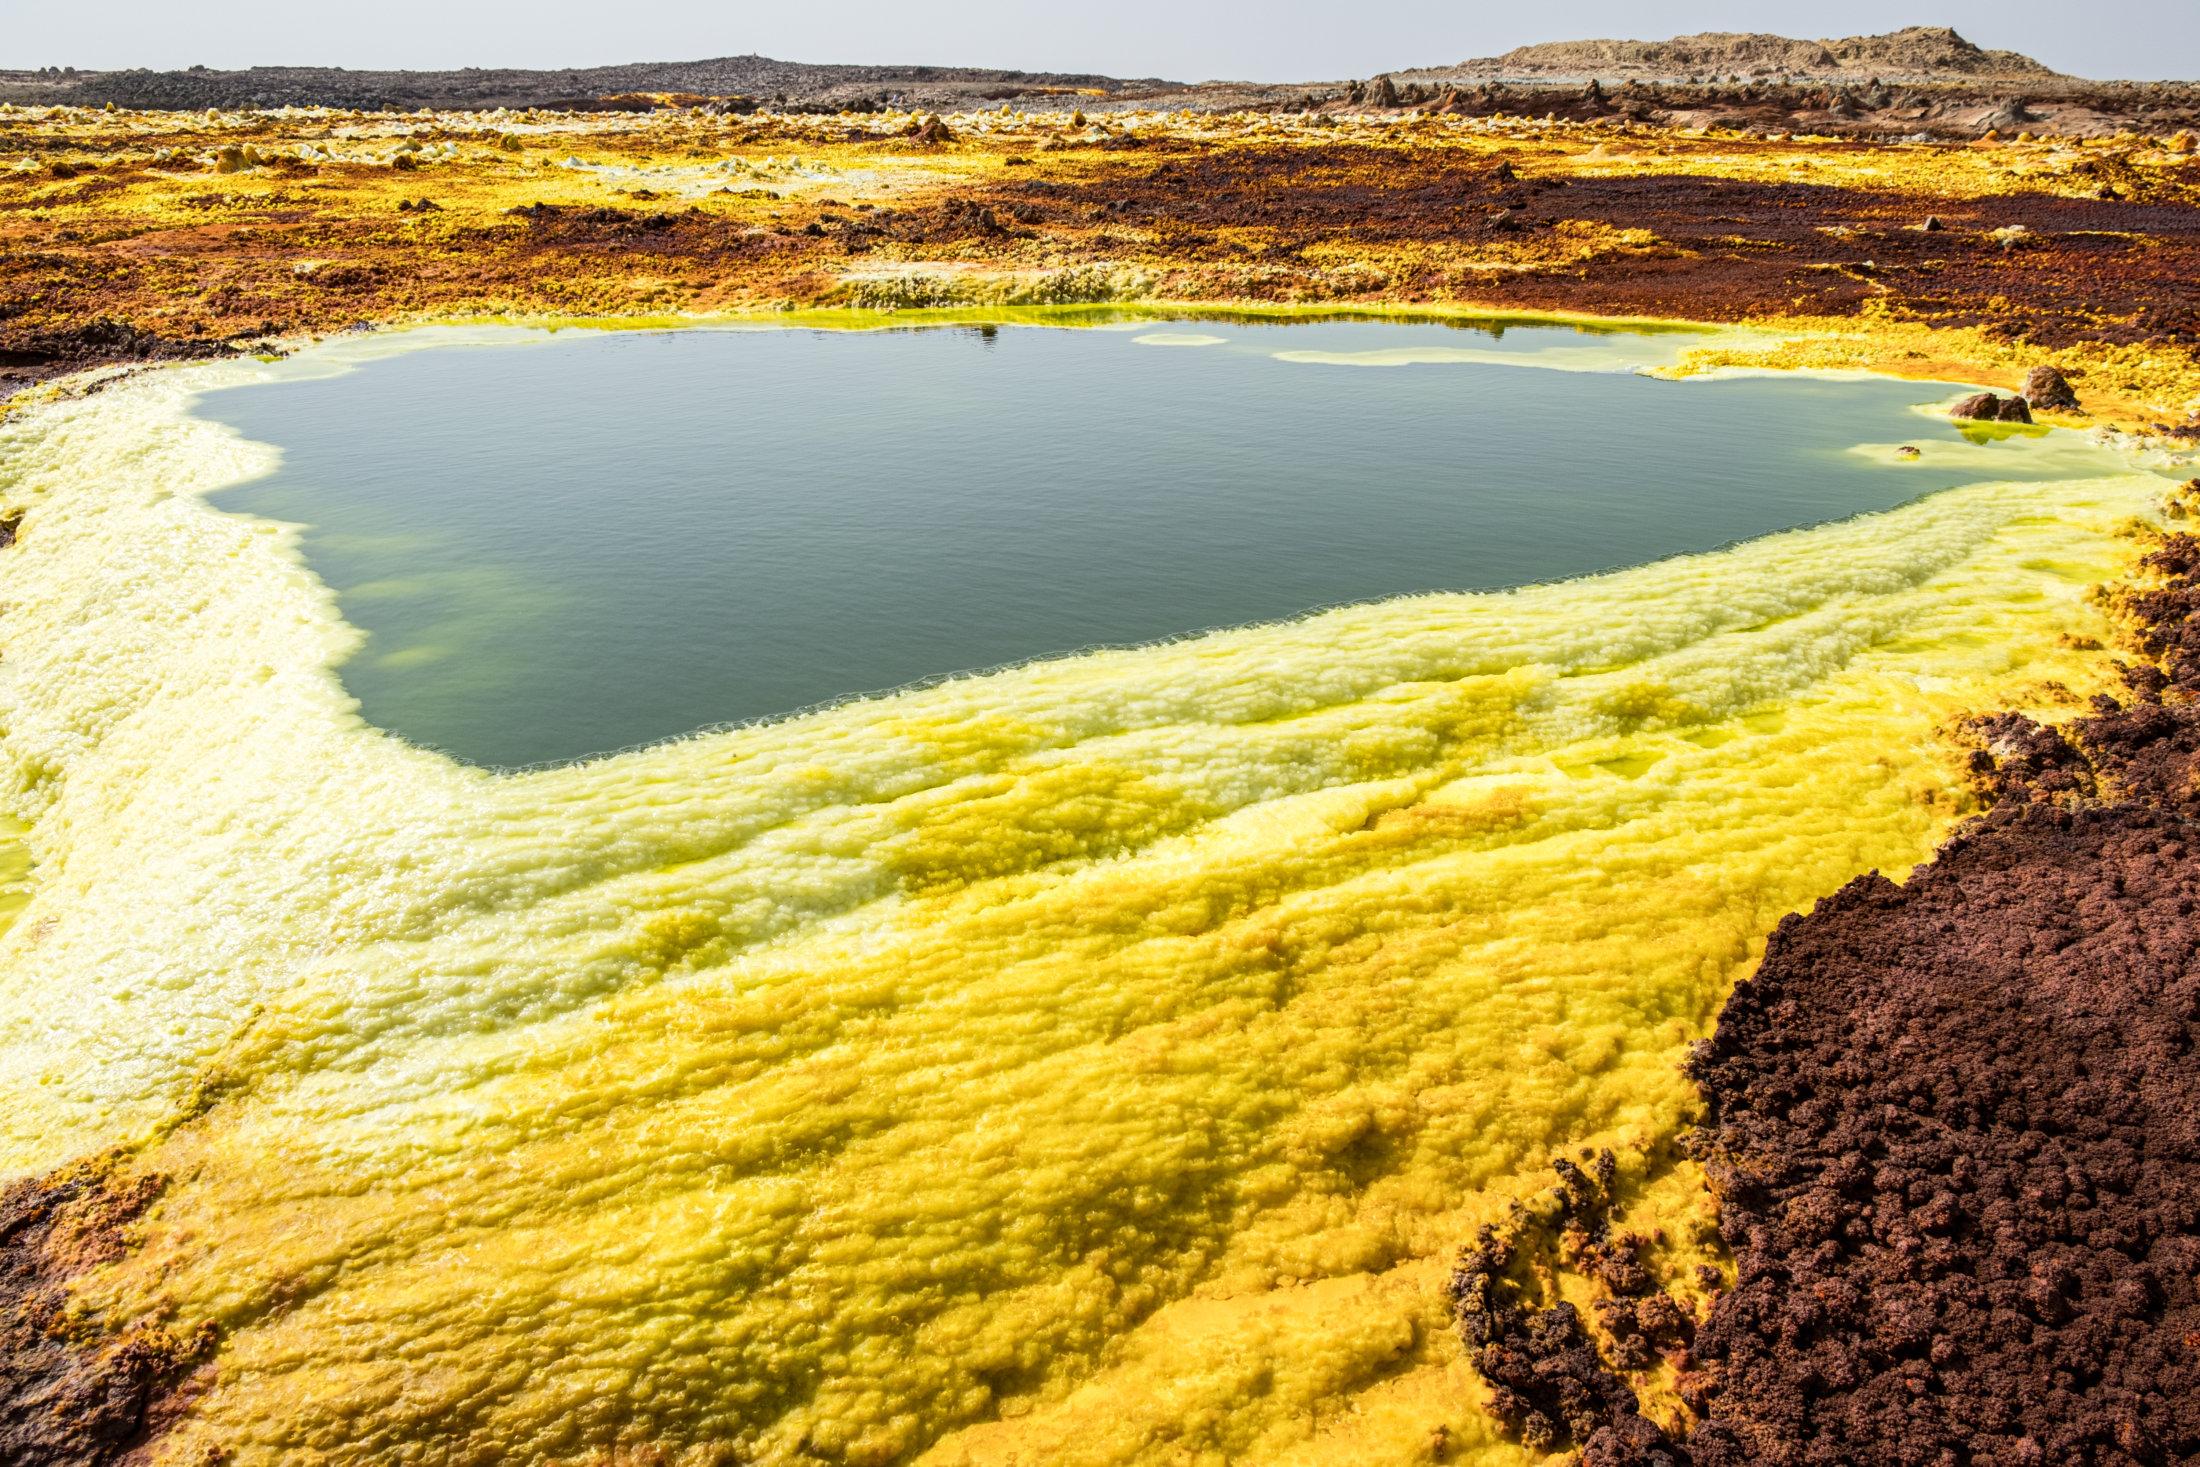 Dans le désert du Danakil, un site exceptionnel, Ethiopie, 2018